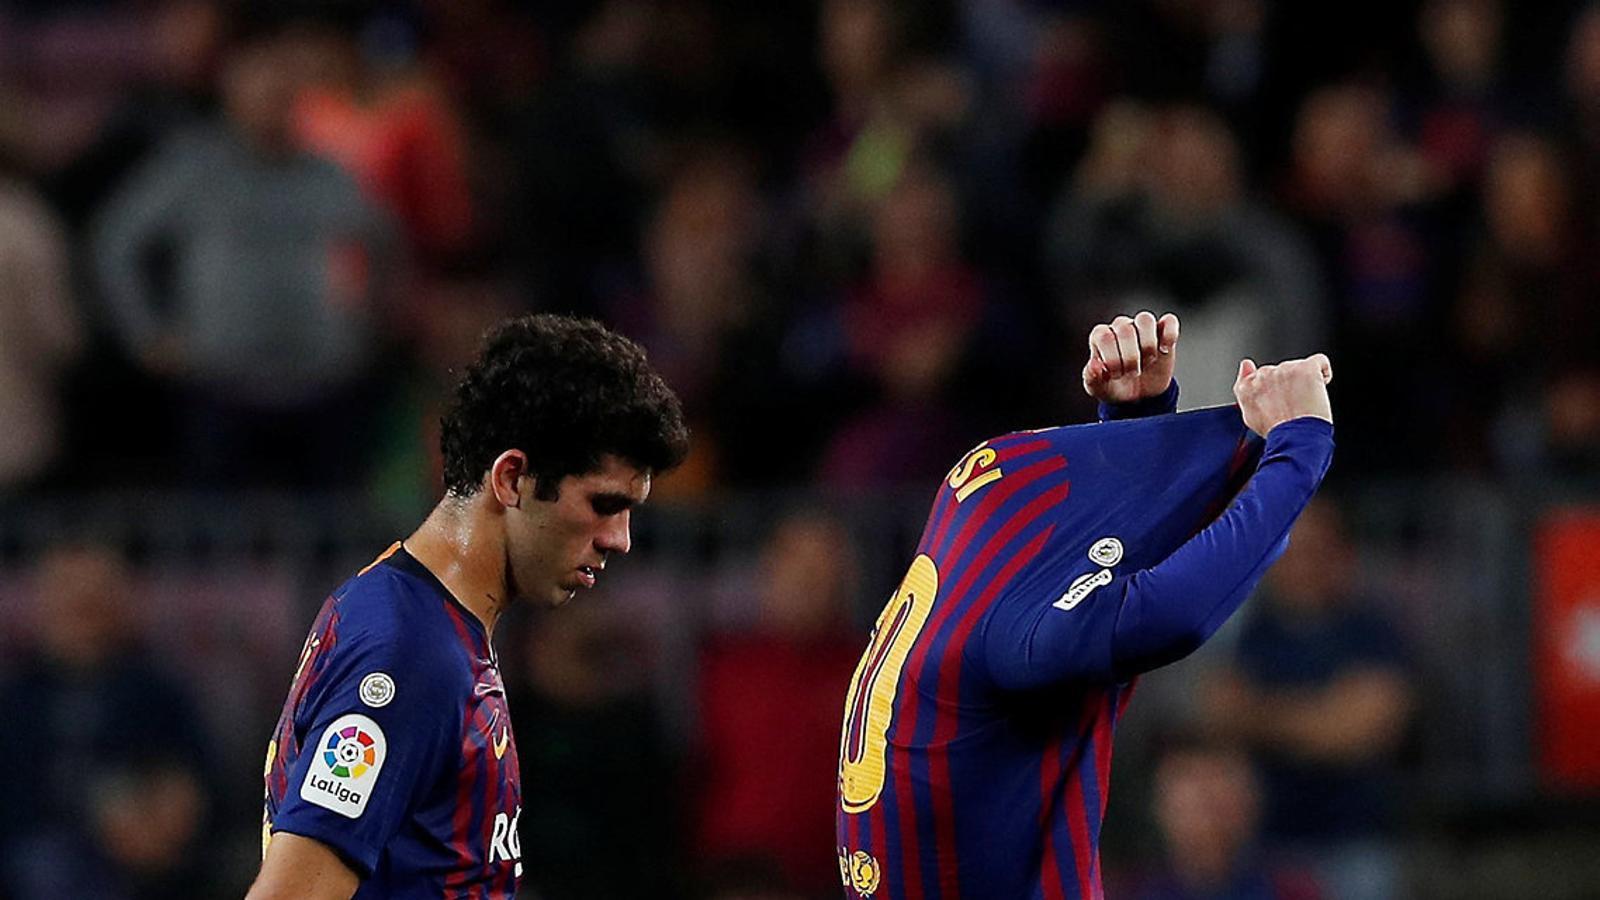 Leo Messi traient-se la samarreta en un gest de frustració després de la derrota del Barça contra el Betis.